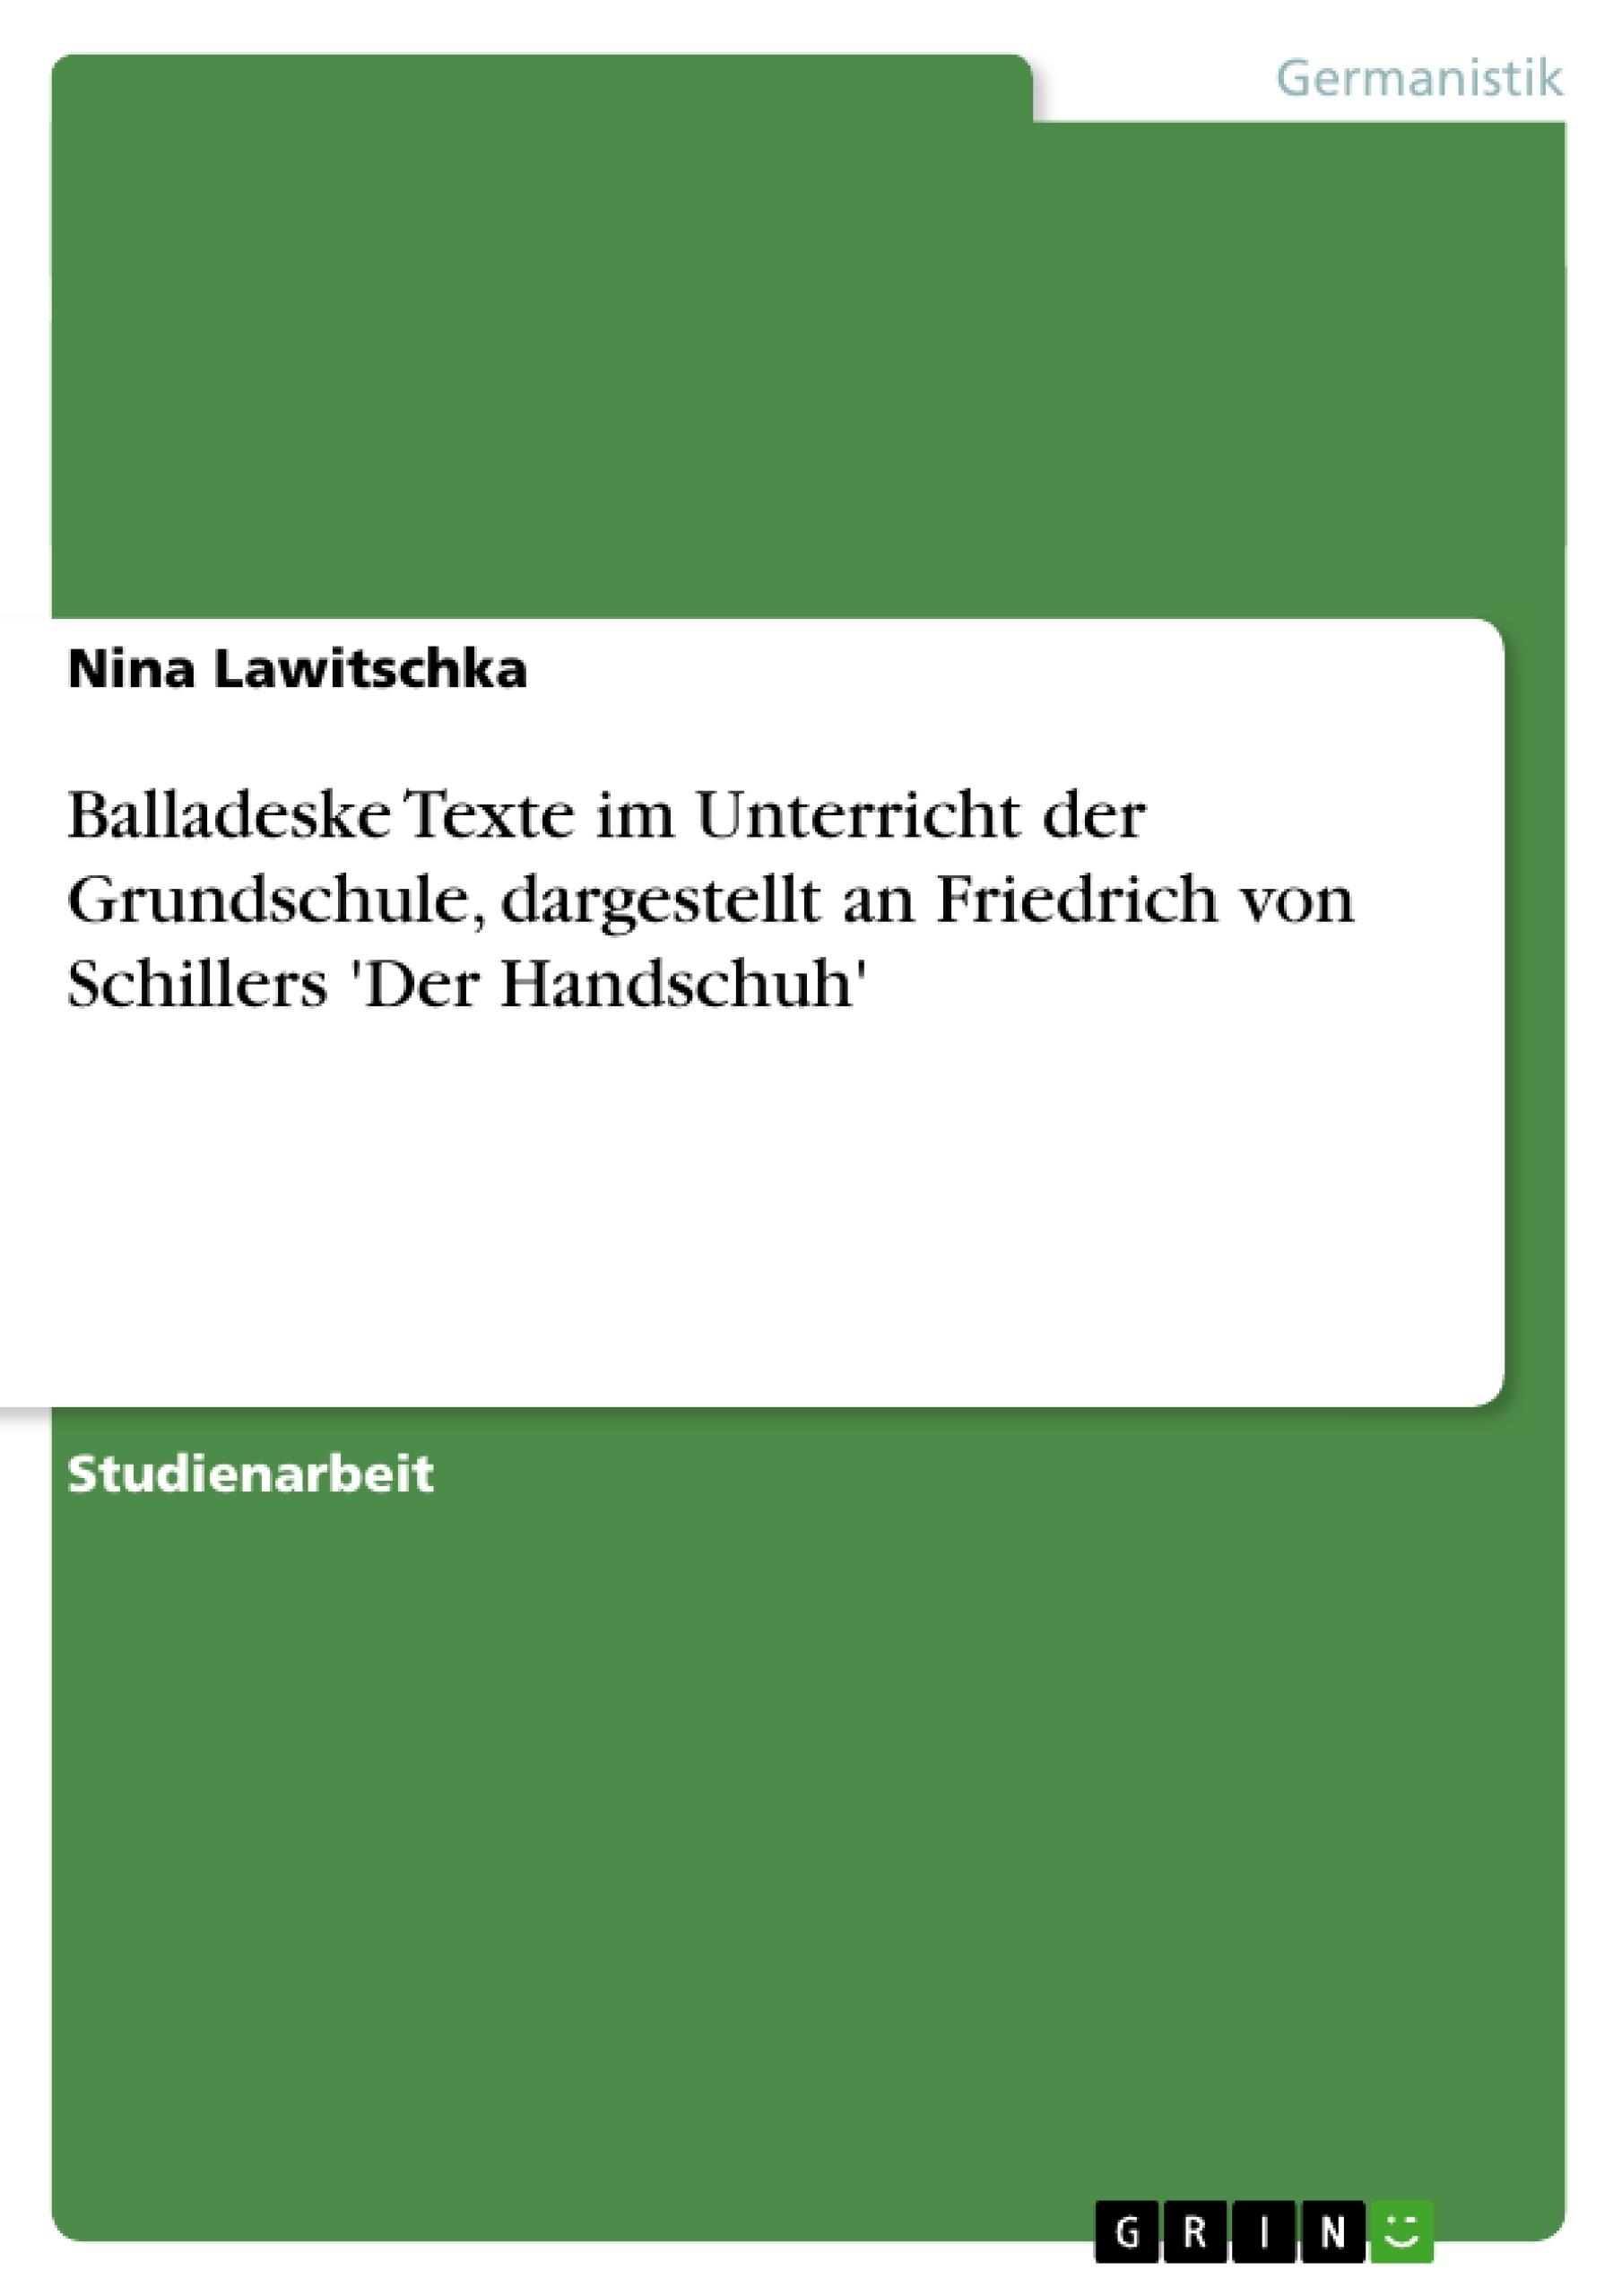 Titel: Balladeske Texte im Unterricht der Grundschule, dargestellt an Friedrich von Schillers 'Der Handschuh'